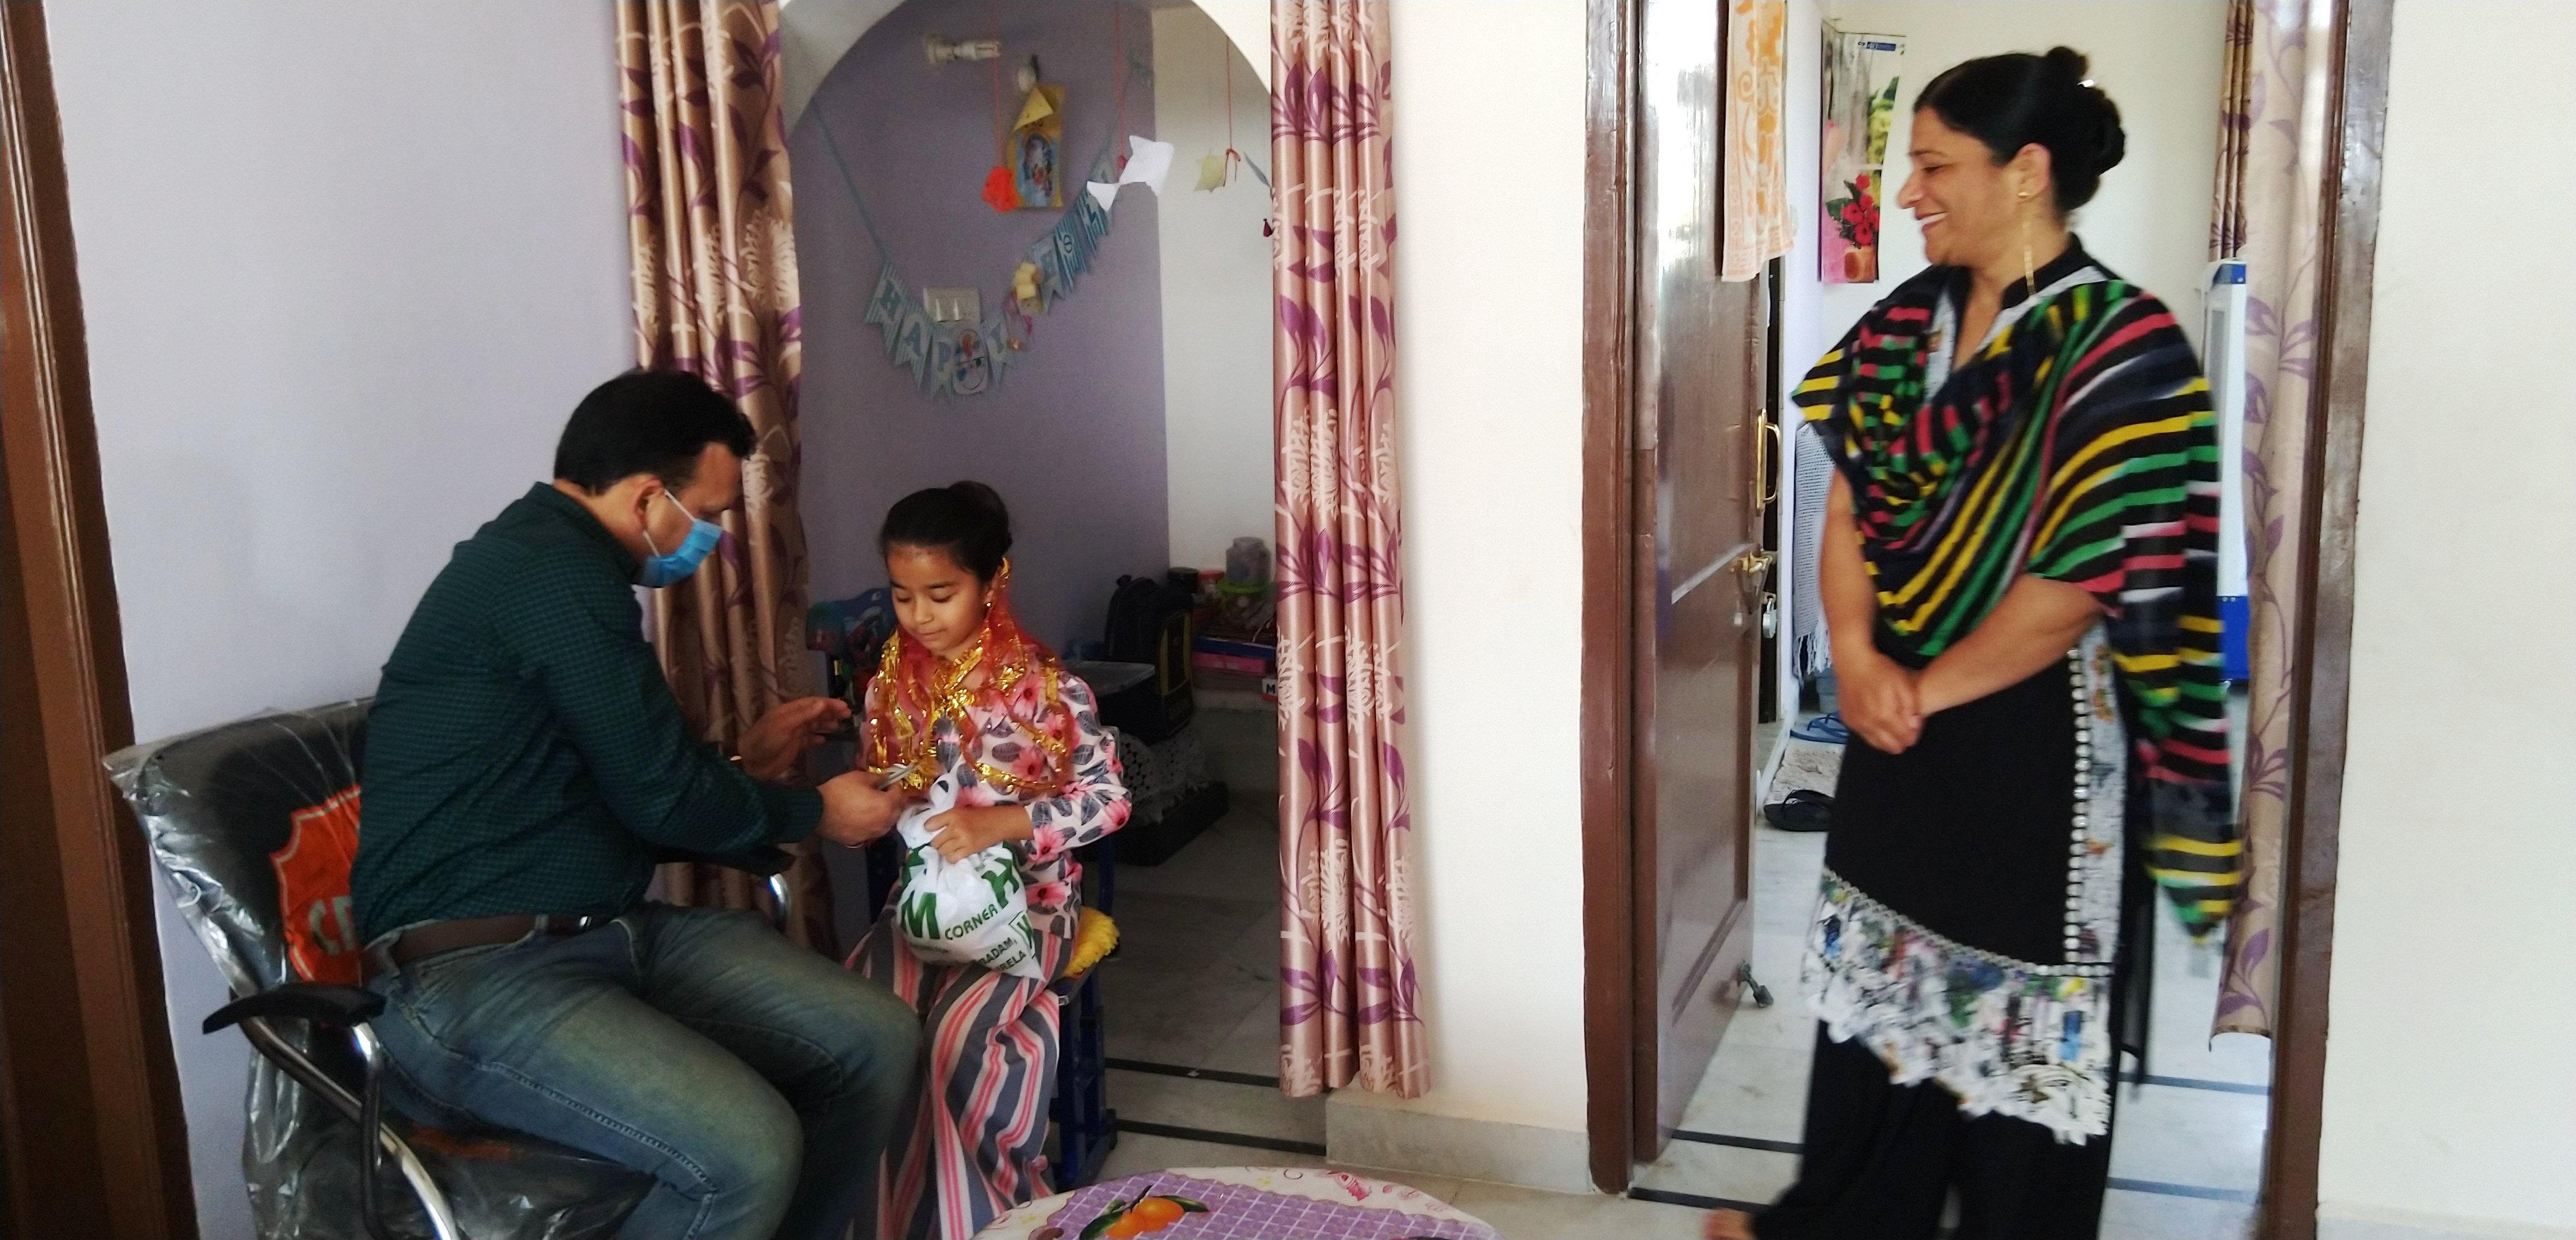 डीसी संदीप कुमार ने जेब खर्च दान में देने वाली मन्नत का किया कन्या पूजन